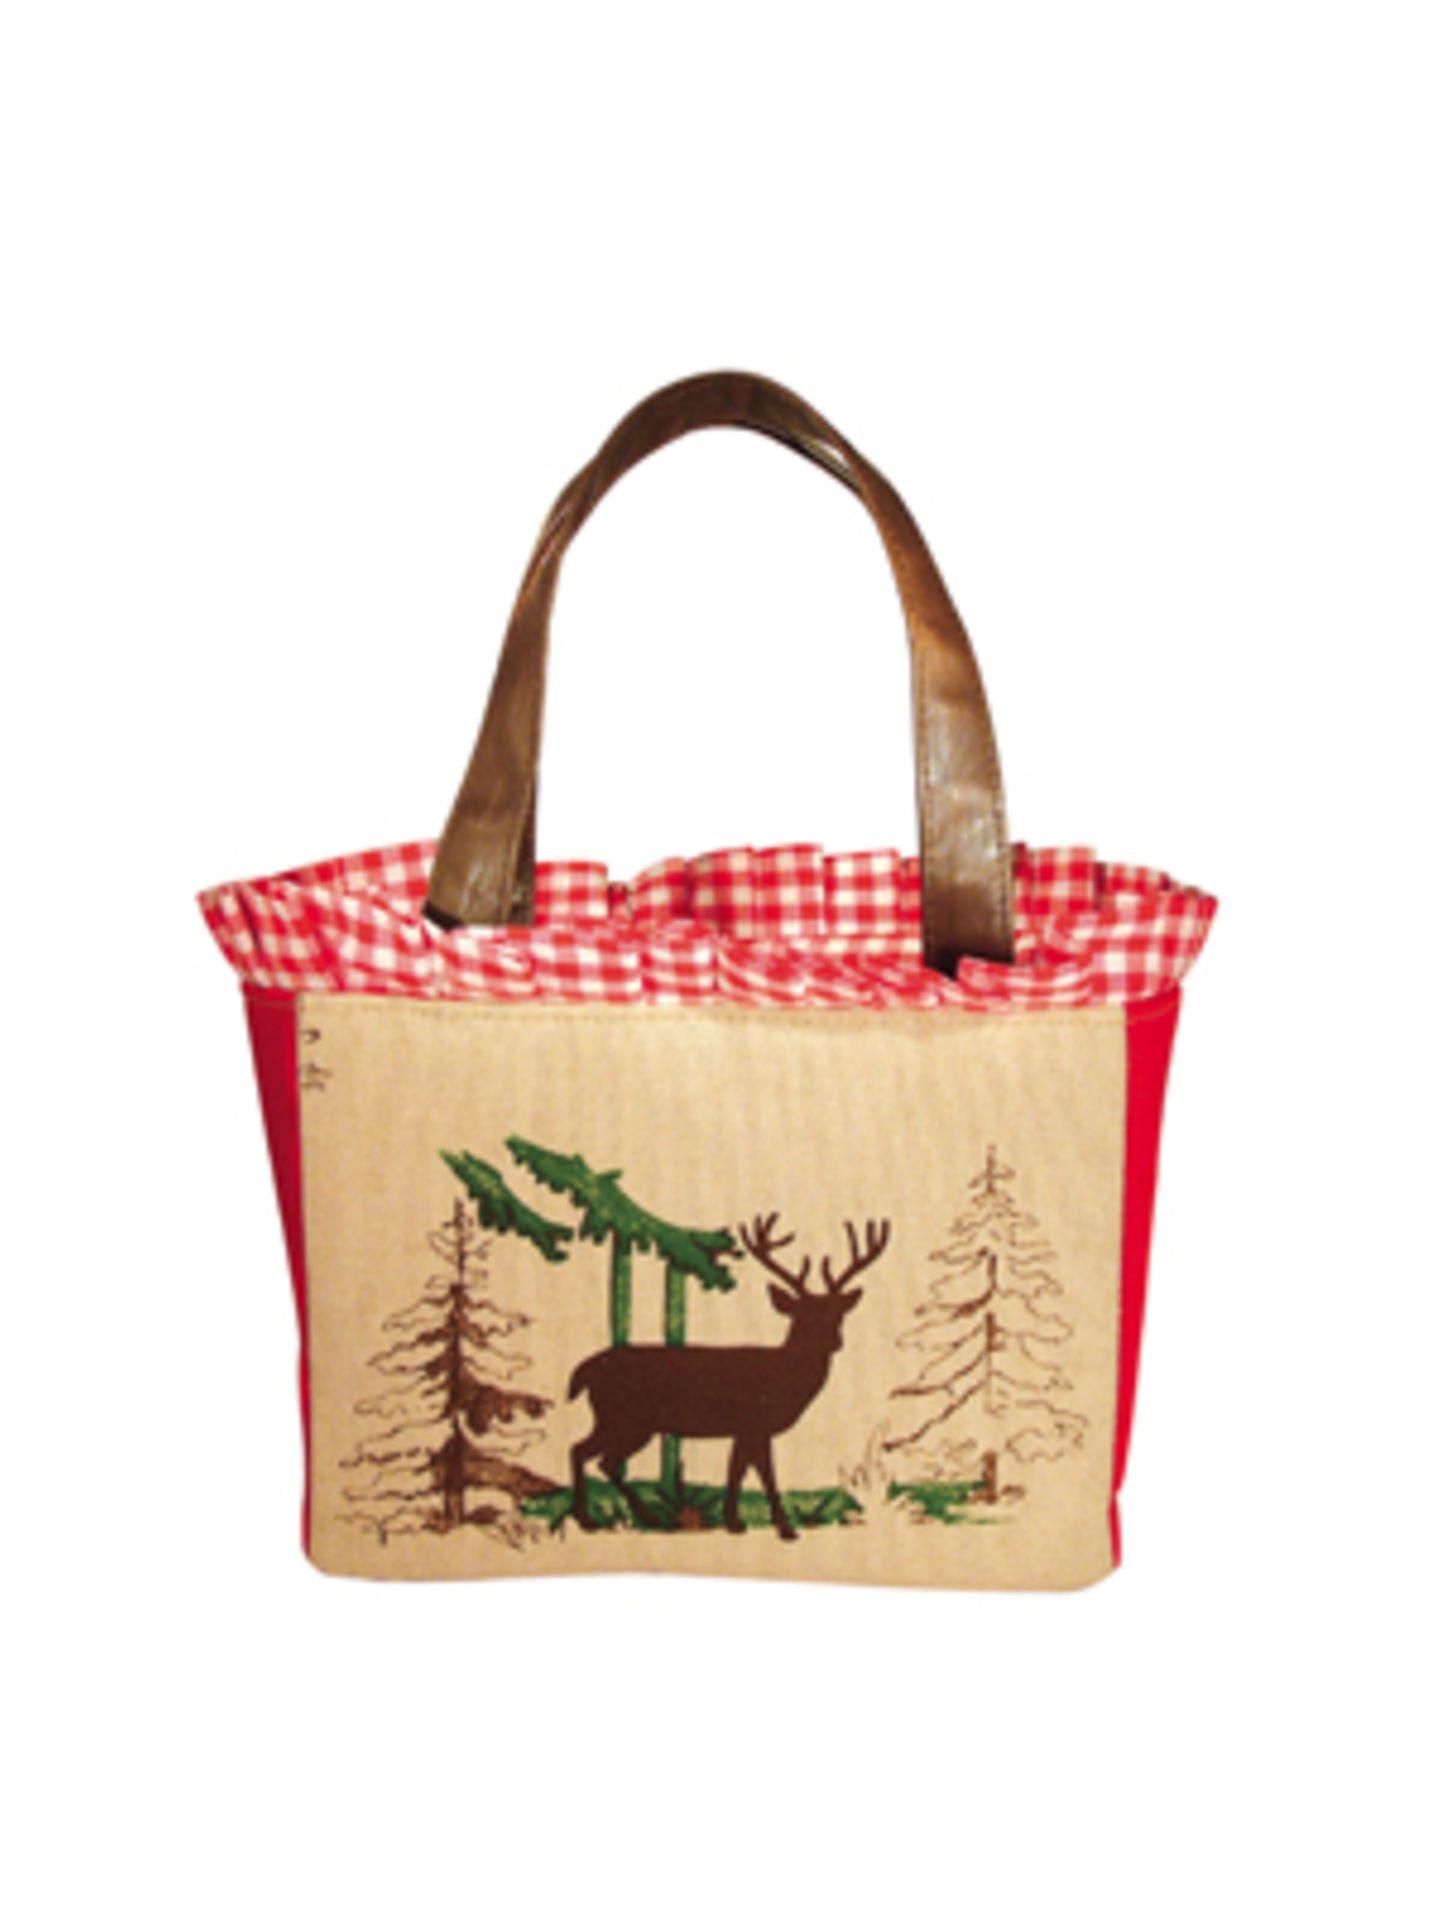 Kleine Unterarmtasche mit Hirschmotiv von Mandana Just Bags, um 170 Euro.